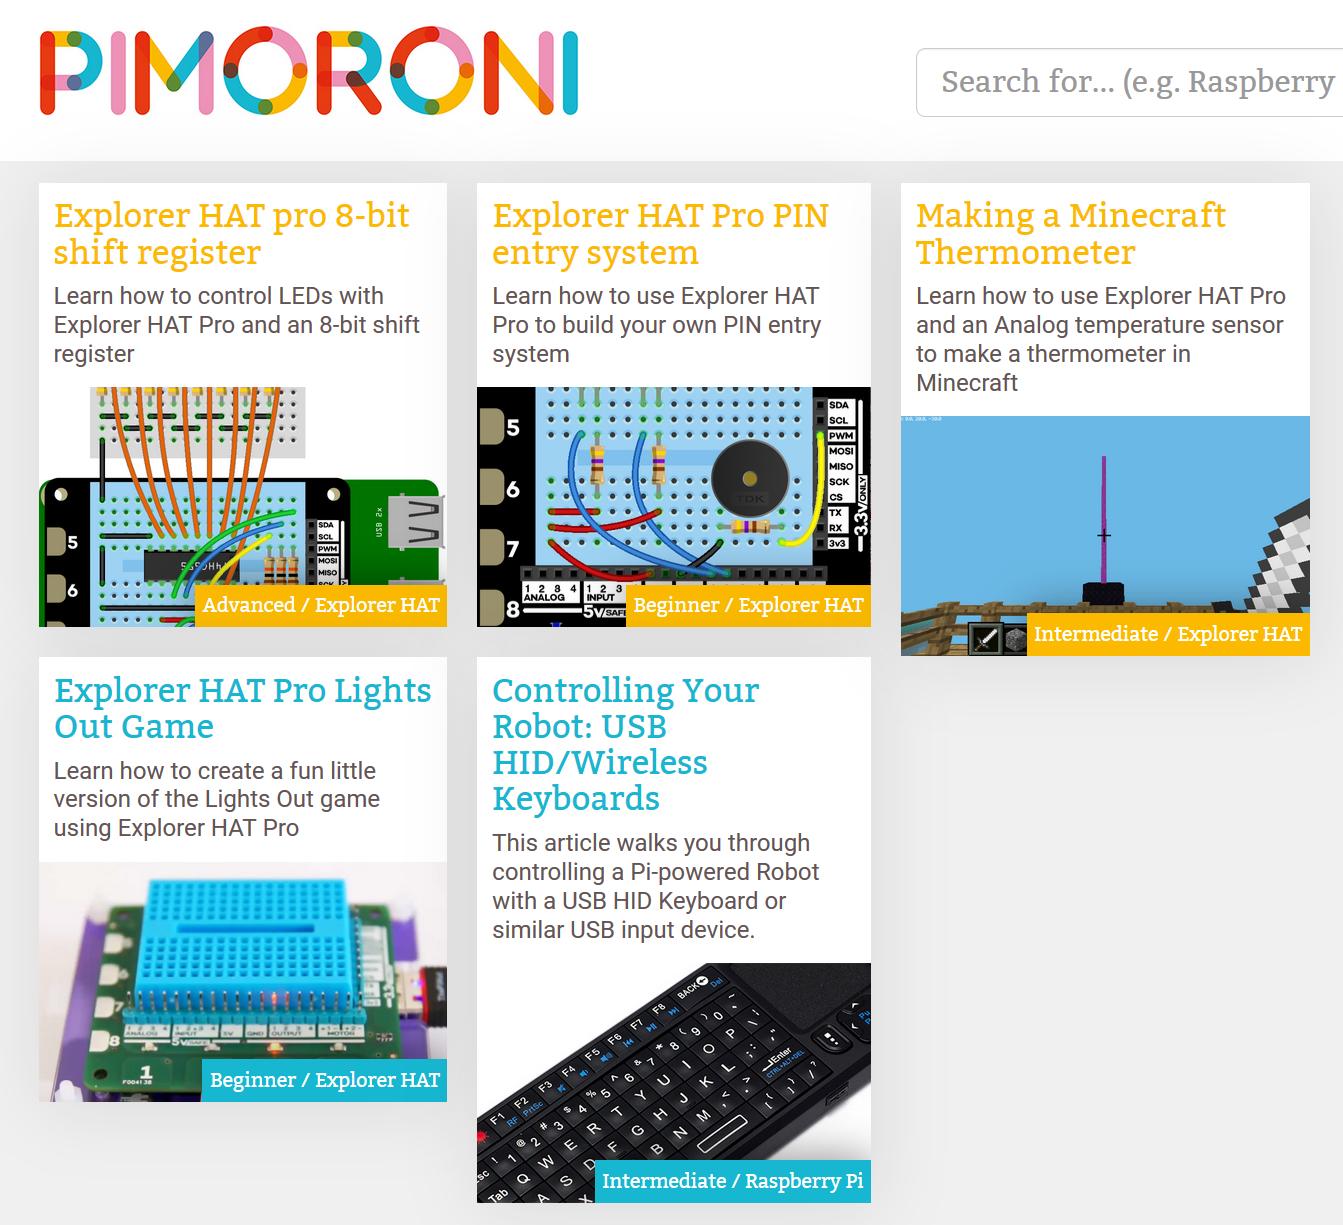 Pimoroni projets Explorer HAT Pro